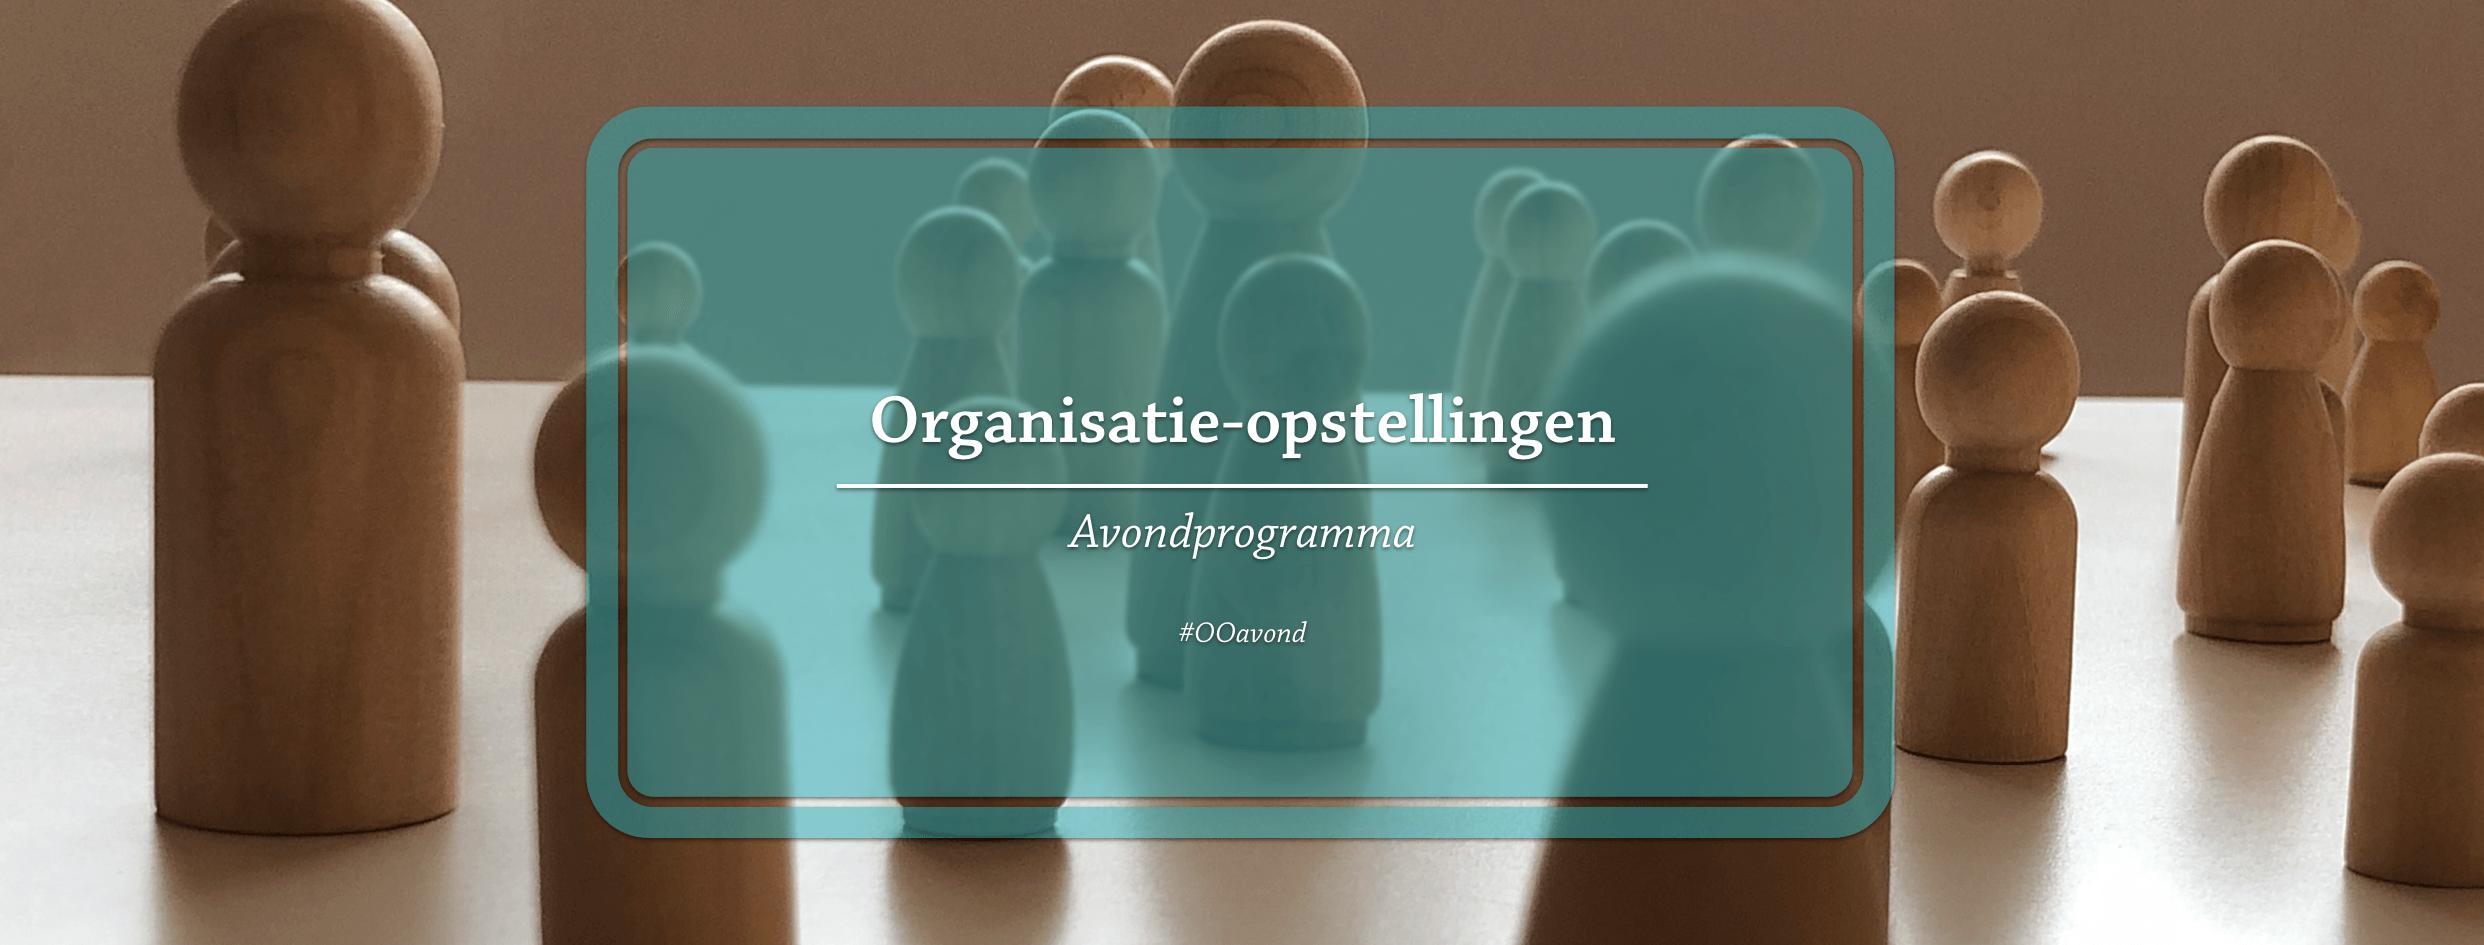 Organisatieopstellingen